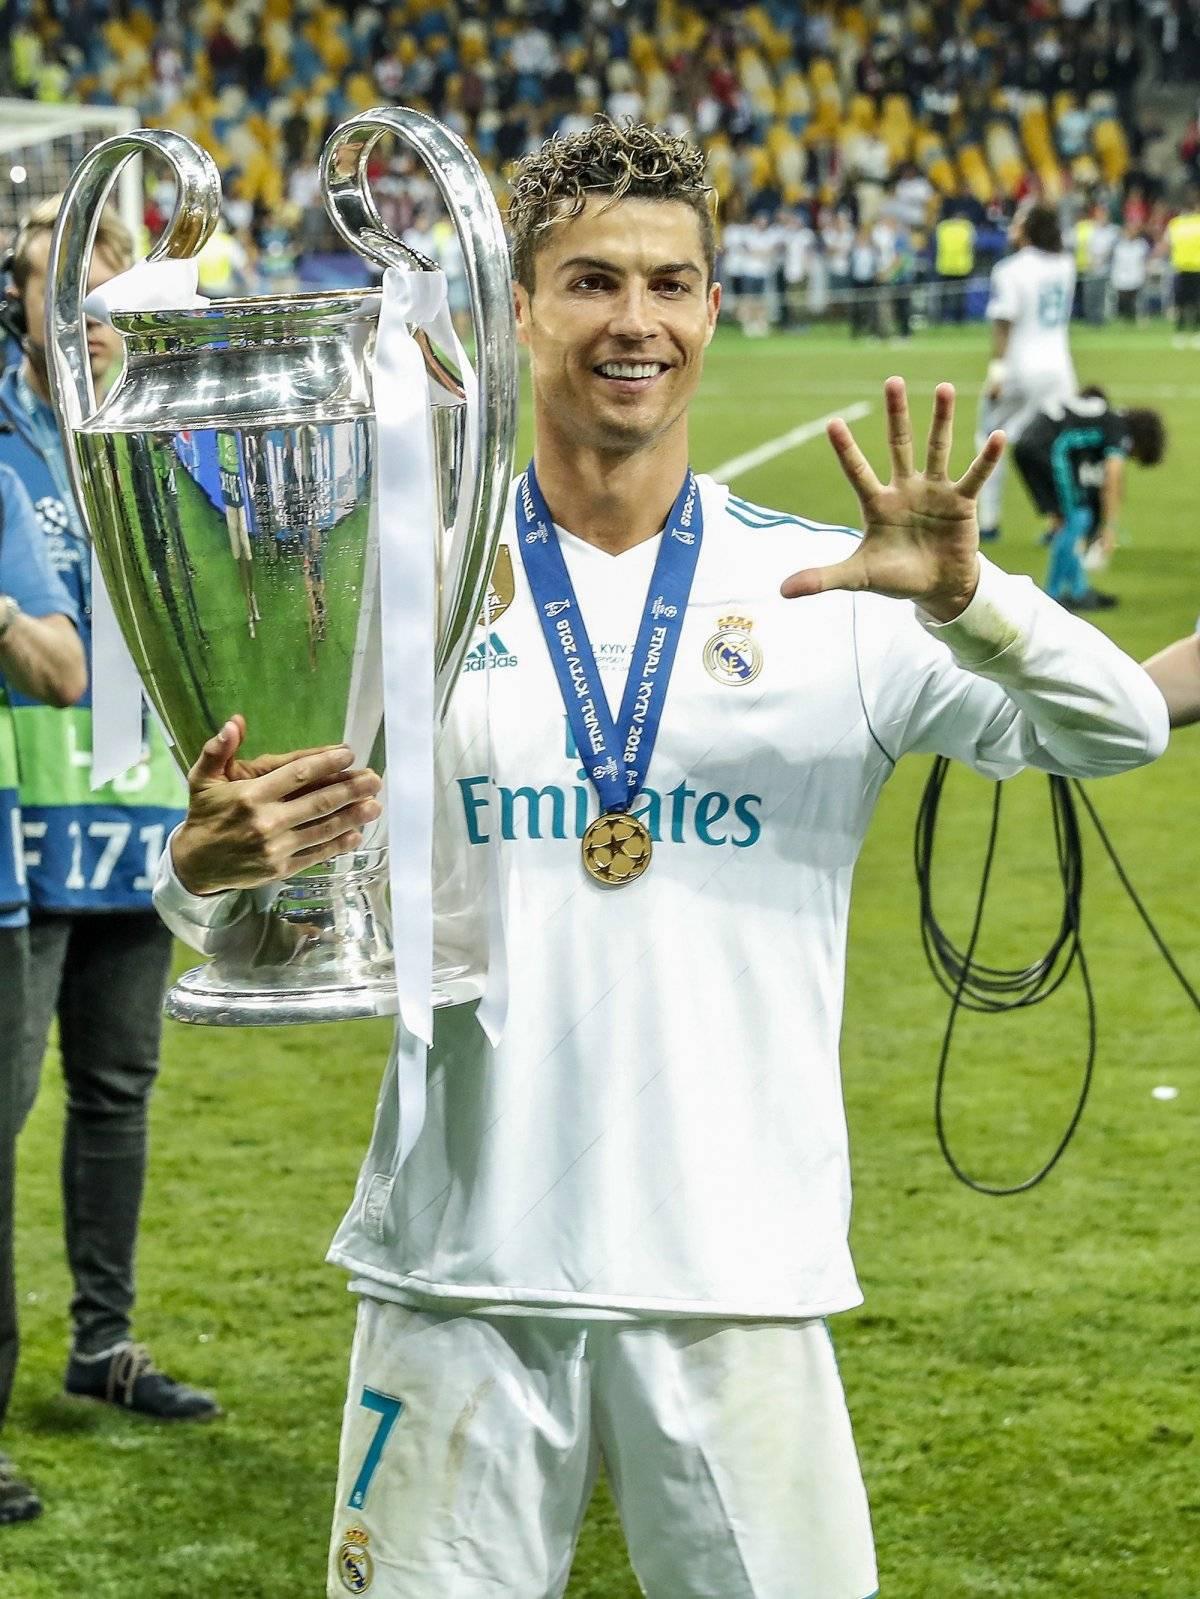 Cristiano celebra su cumpleaños 34 buscando llevar a lo más alto a la Juventus |GETTY IMAGES